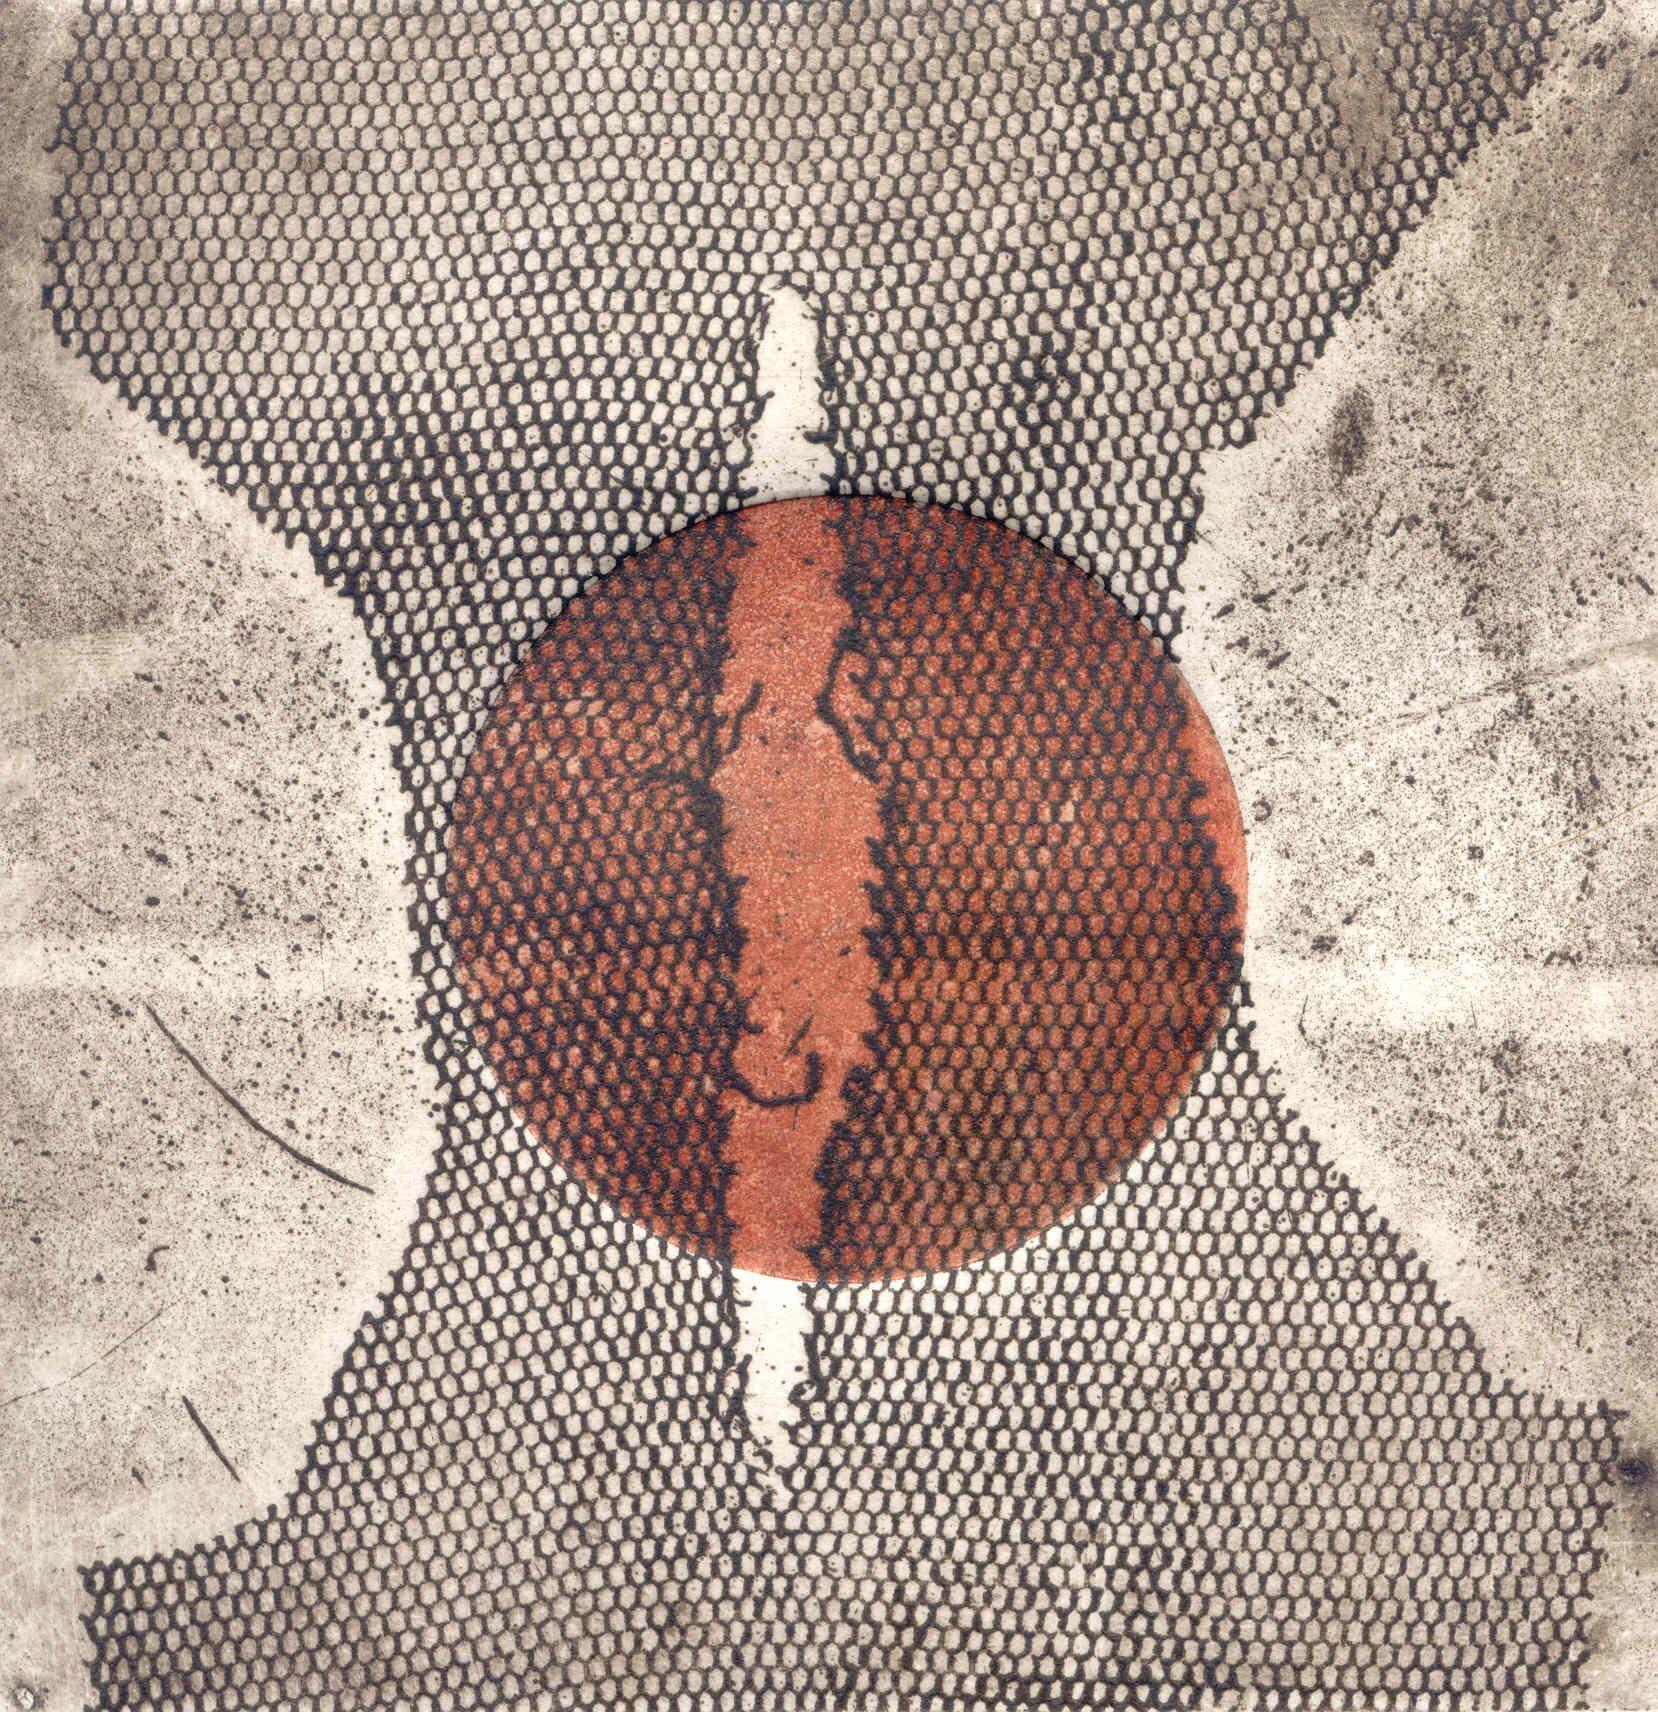 MEMORY Radierung, Aquatinta Bildgröße 15 x 15 cm Blattgröße 22 x 22 ...